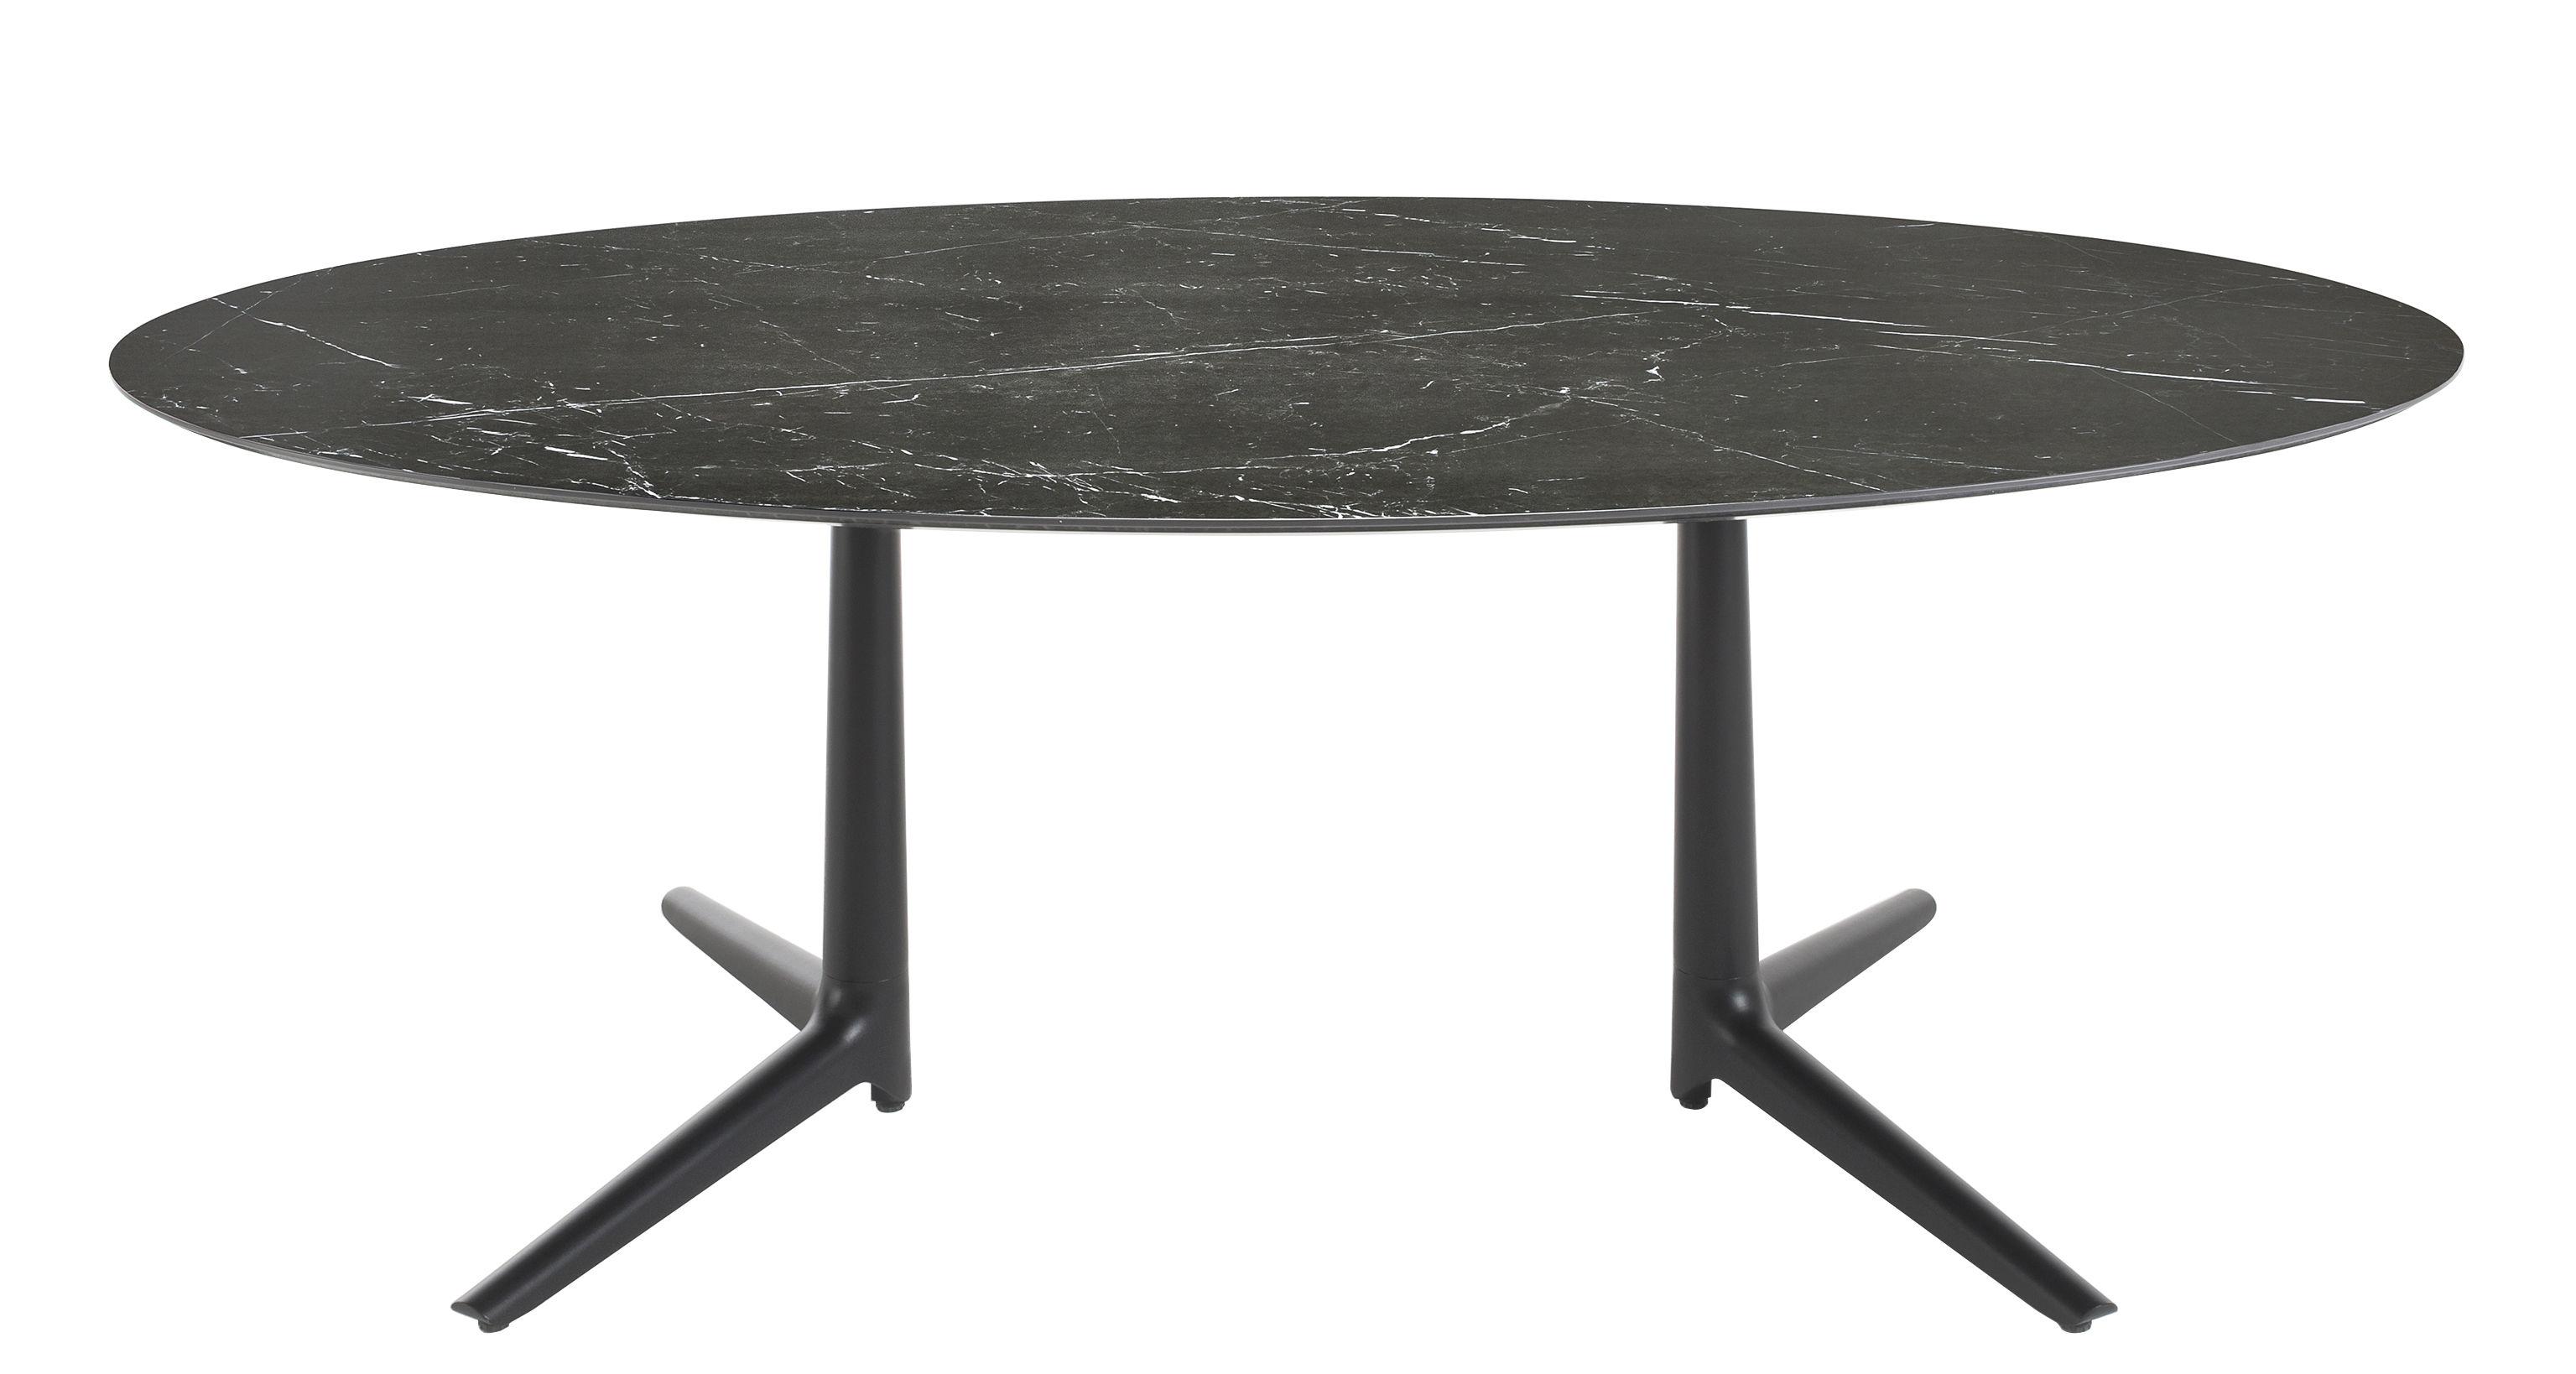 Möbel - Tische - Multiplo indoor Runder Tisch / oval - 192 x 118 cm / Steinzeug mit Marmor-Optik - Kartell - Schwarze Marmor-Optik / Tischbeine schwarz - klarlackbeschichtetes Aluminium, Steinzeug, Marmoreffekt